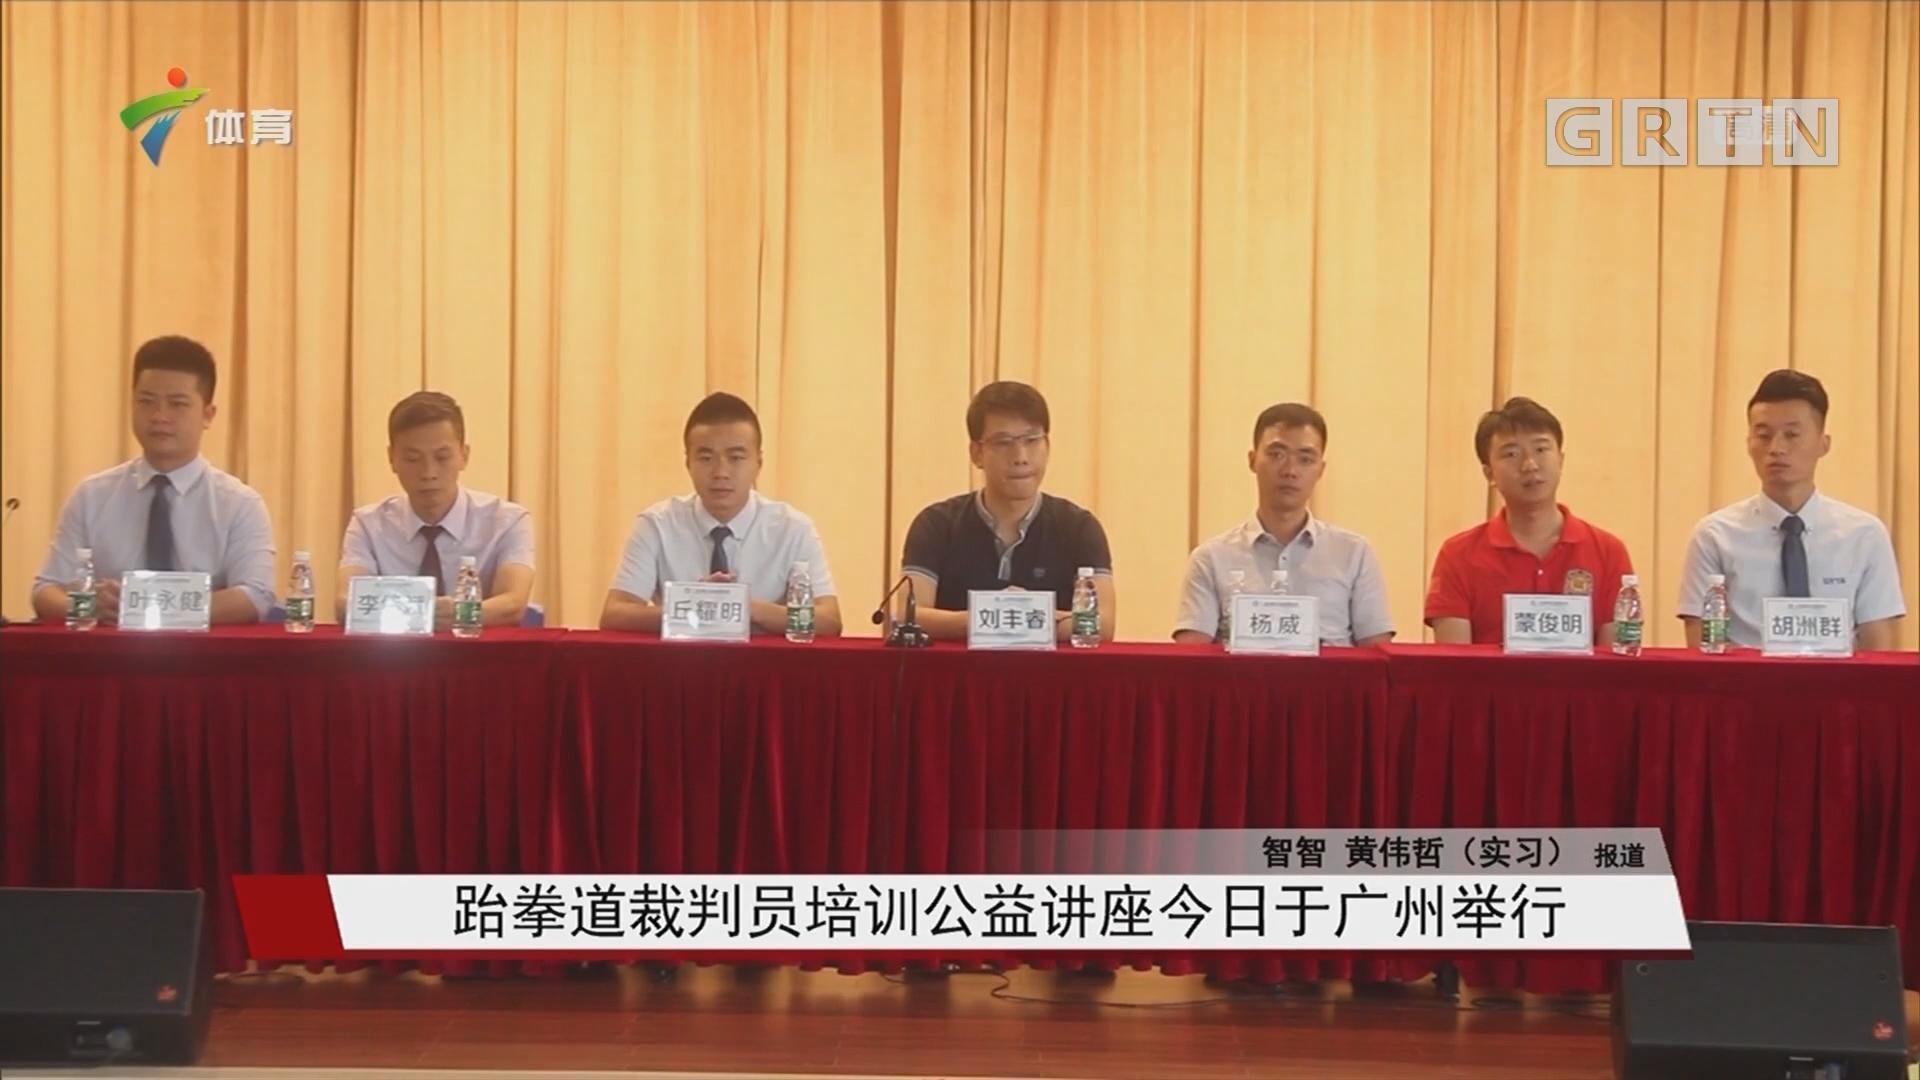 跆拳道裁判员培训公益讲座今日于广州举行